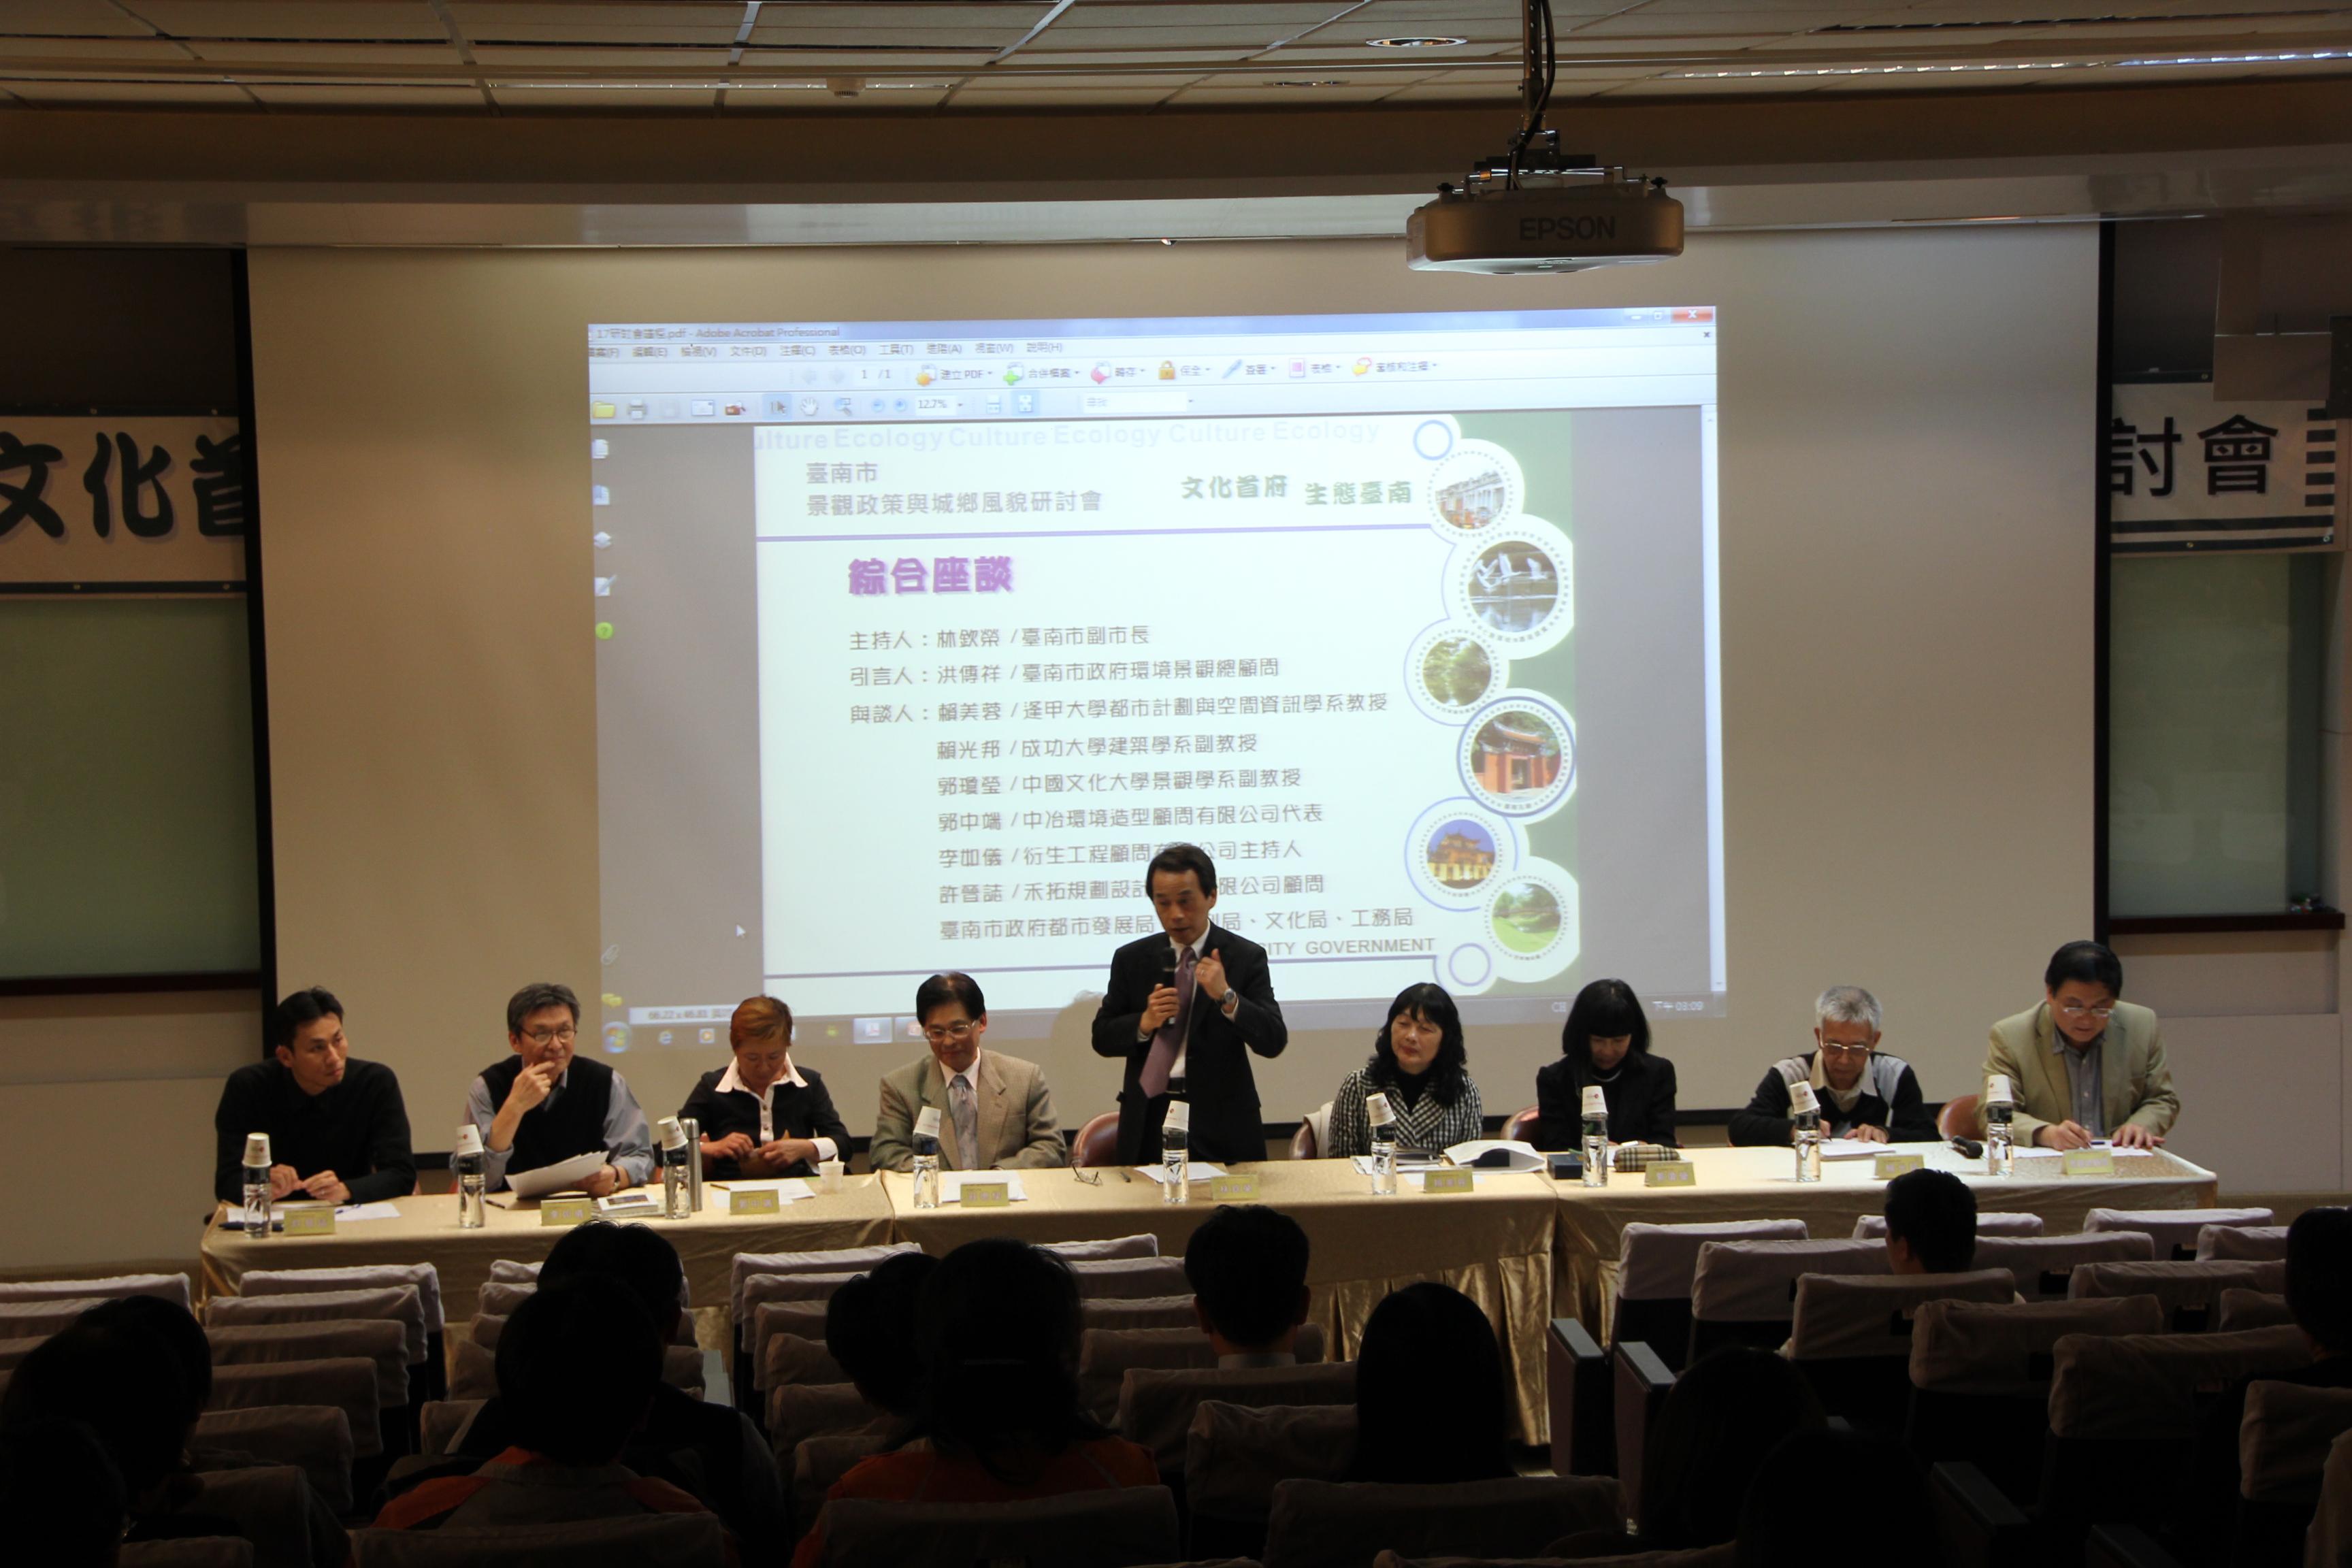 林副市長主持本市景觀政策與城鄉風貌研討會--為台南市城鄉風貌探討新方向並籲請中央持續並創新強化城鄉風貌計畫  0